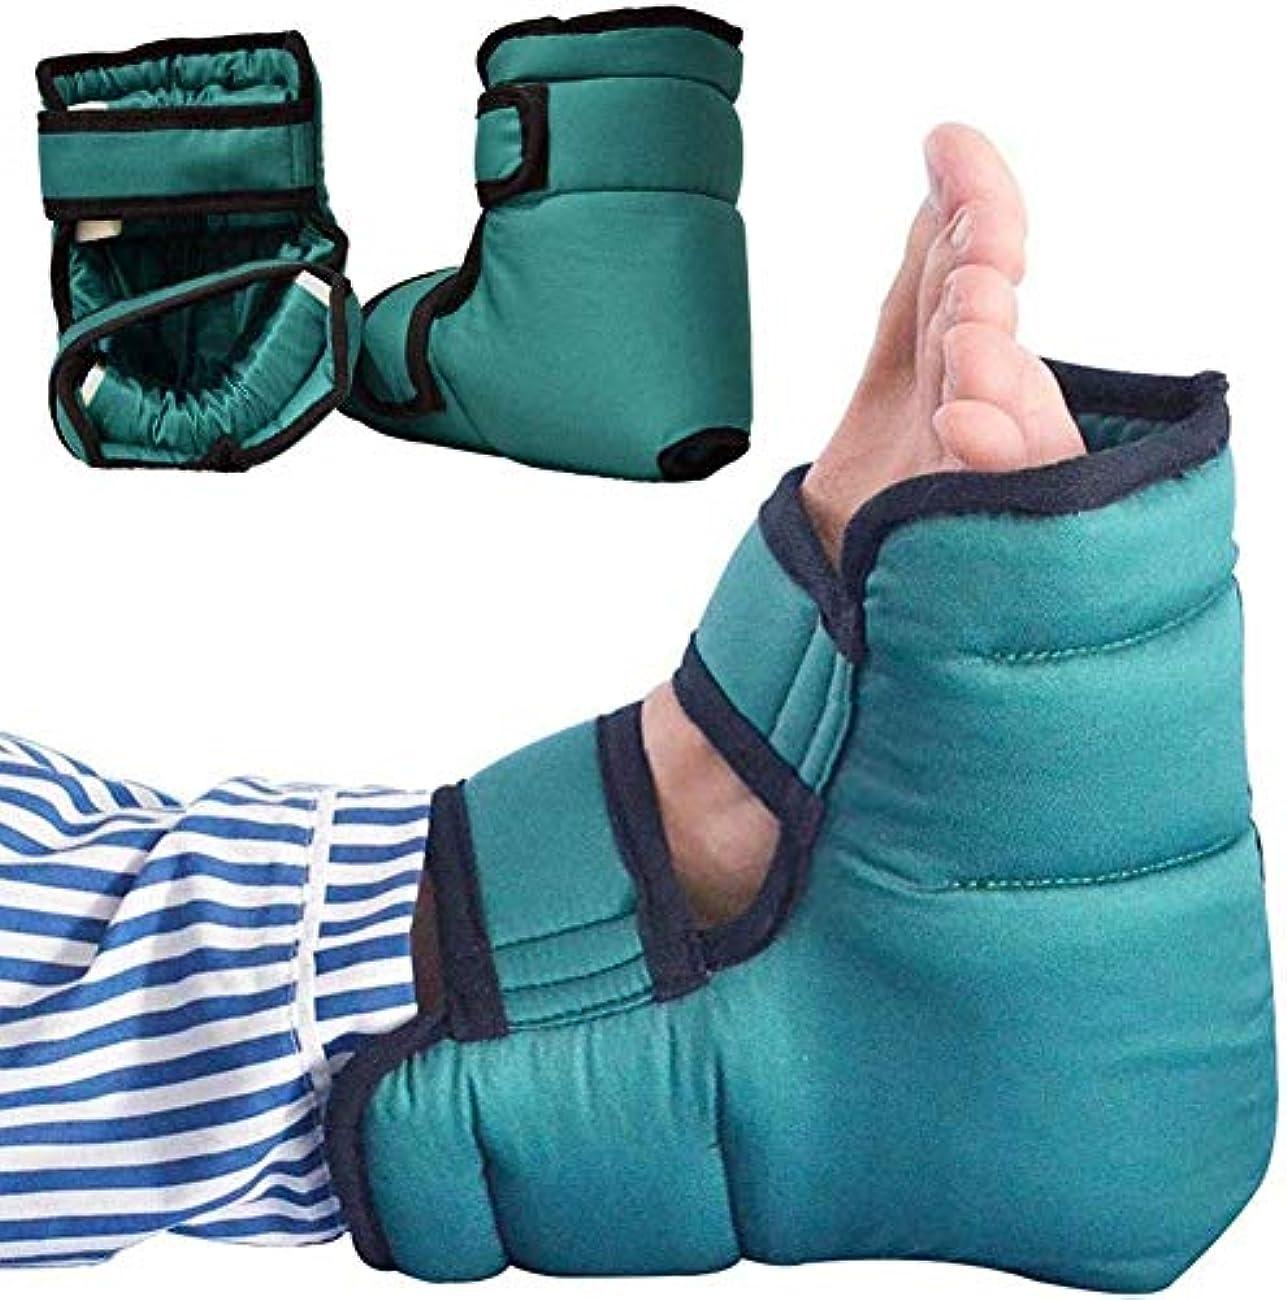 ミシンお互い腐敗抗床ずれヒールプロテクター枕、圧力緩和ヒールプロテクター、患者ケアヒールパッド足首プロテクタークッション、効果的な床ずれおよび足潰瘍緩和フットピロー、1ペア